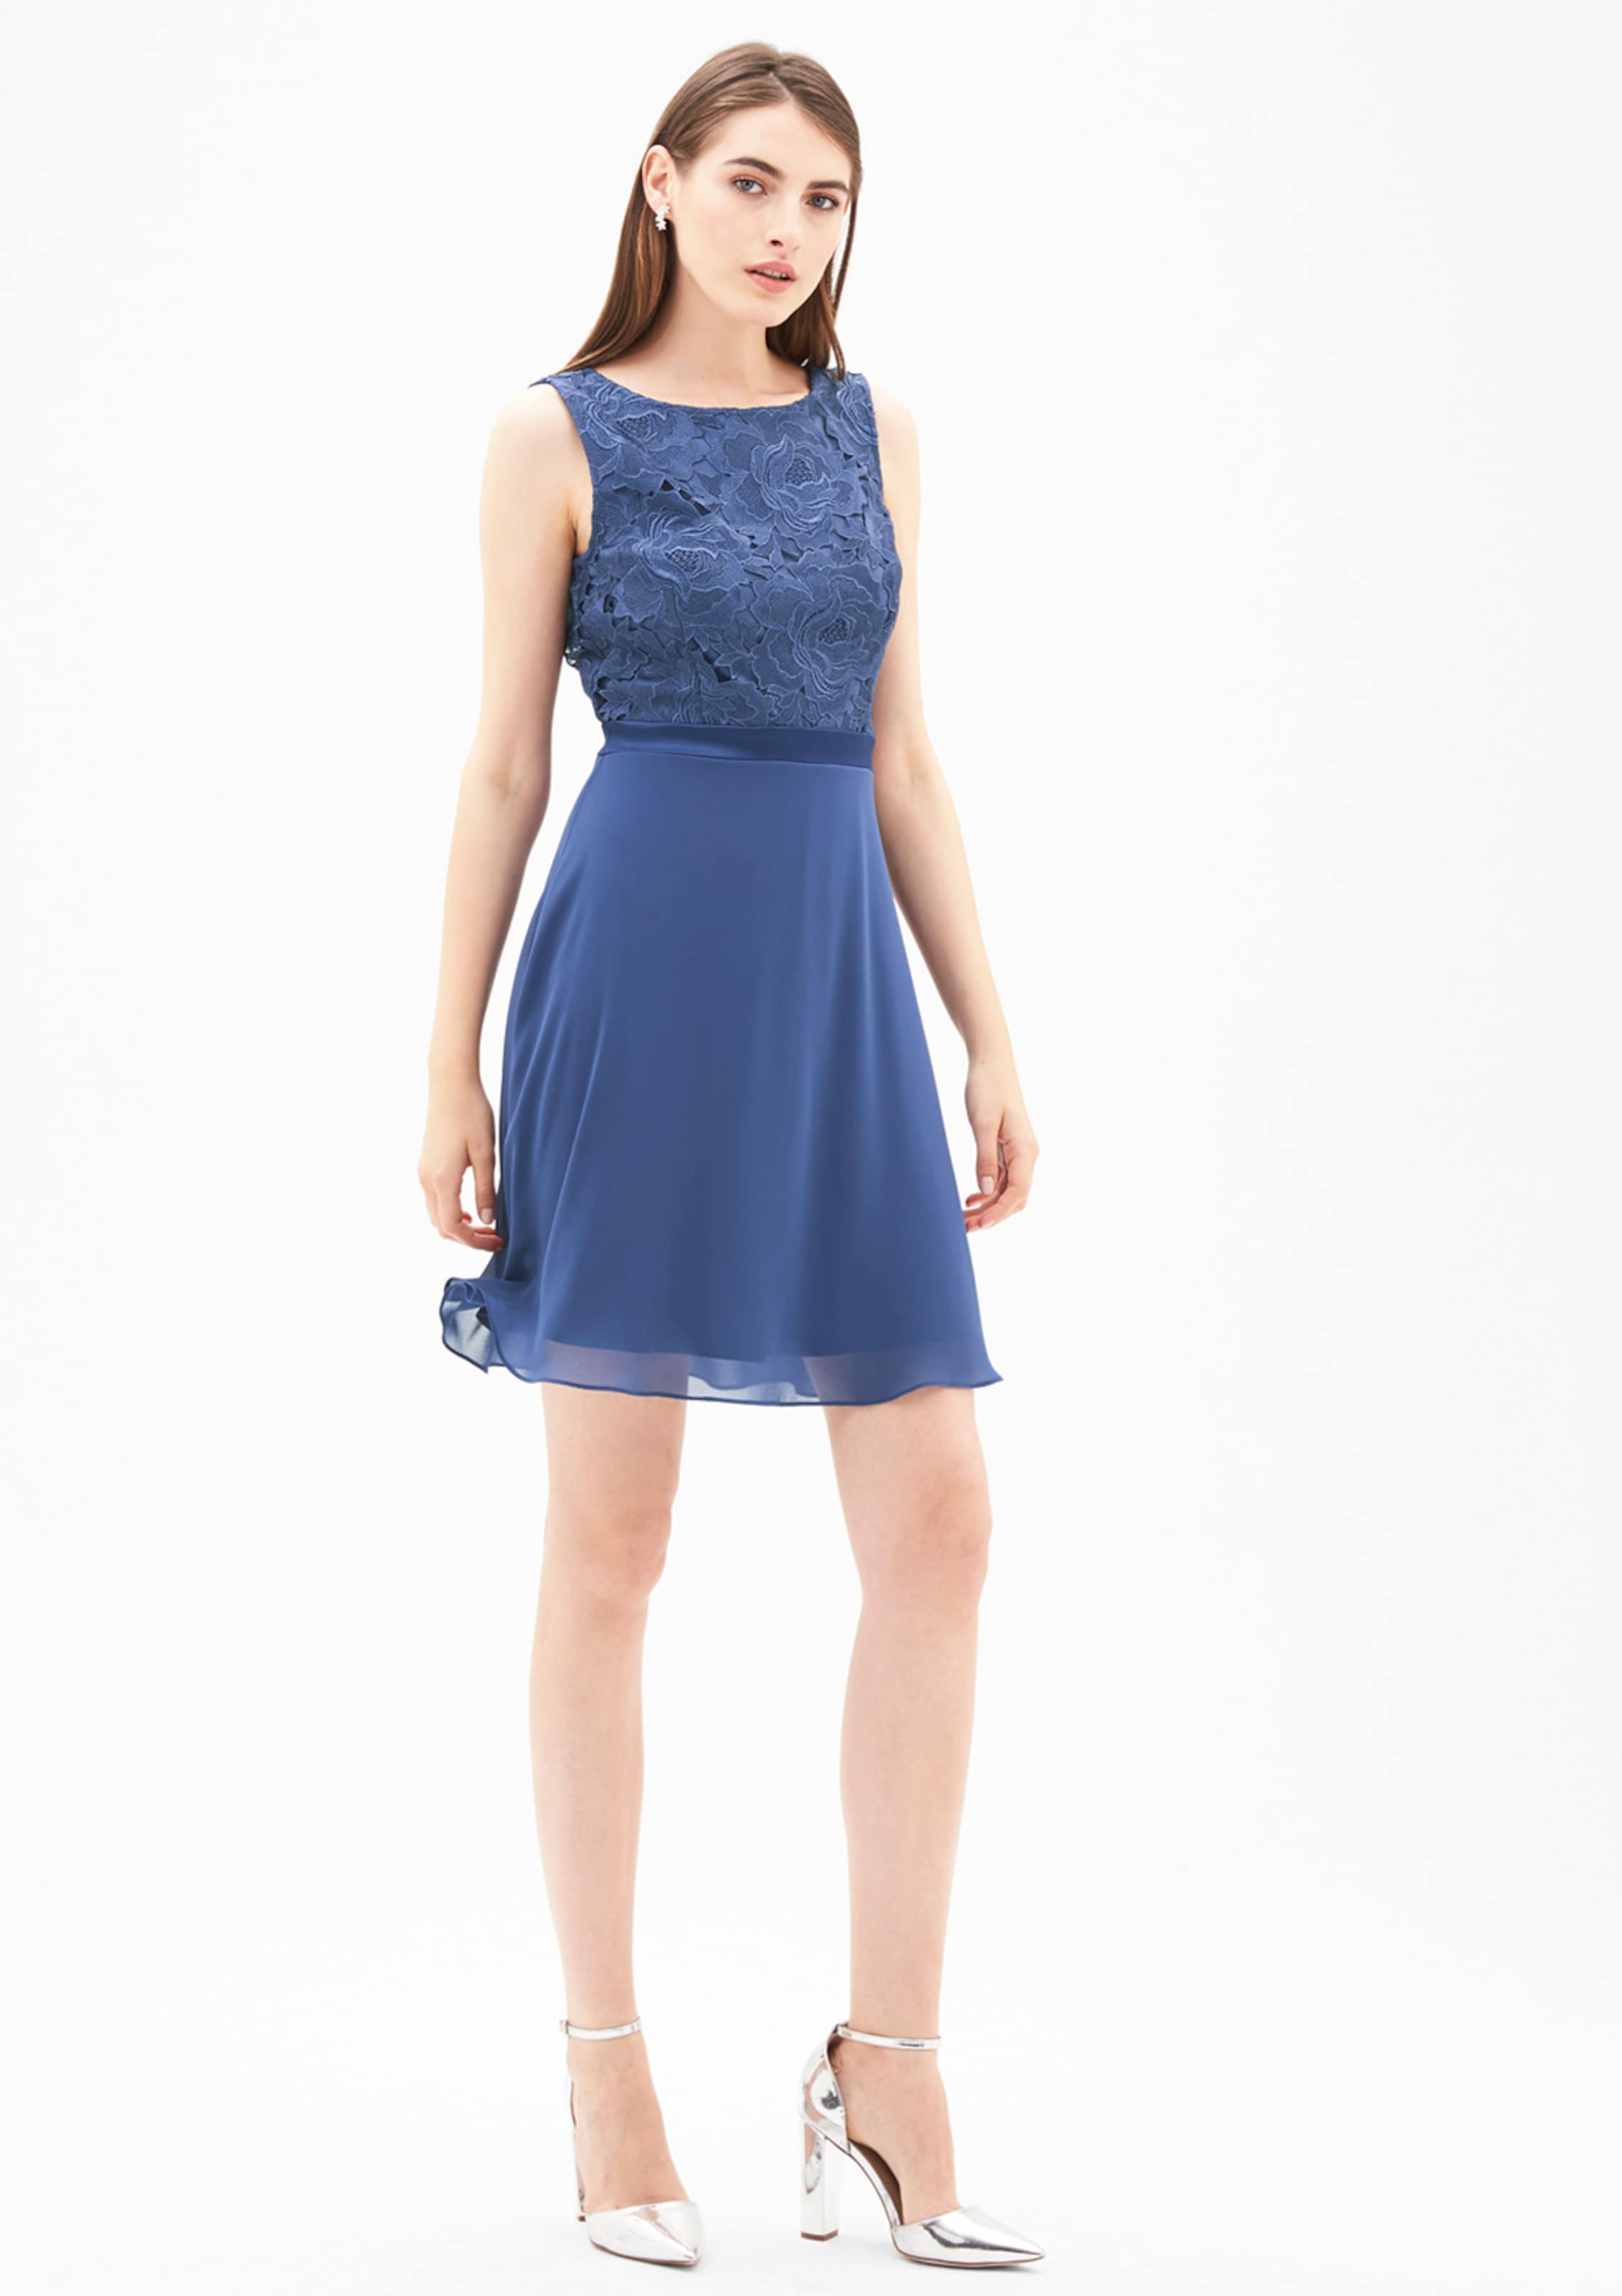 s.Oliver BLACK LABEL Kleid im edlen Fabric-Mix Steckdose Billig Authentisch Billig Footlocker Rabatt JbUnuZBh